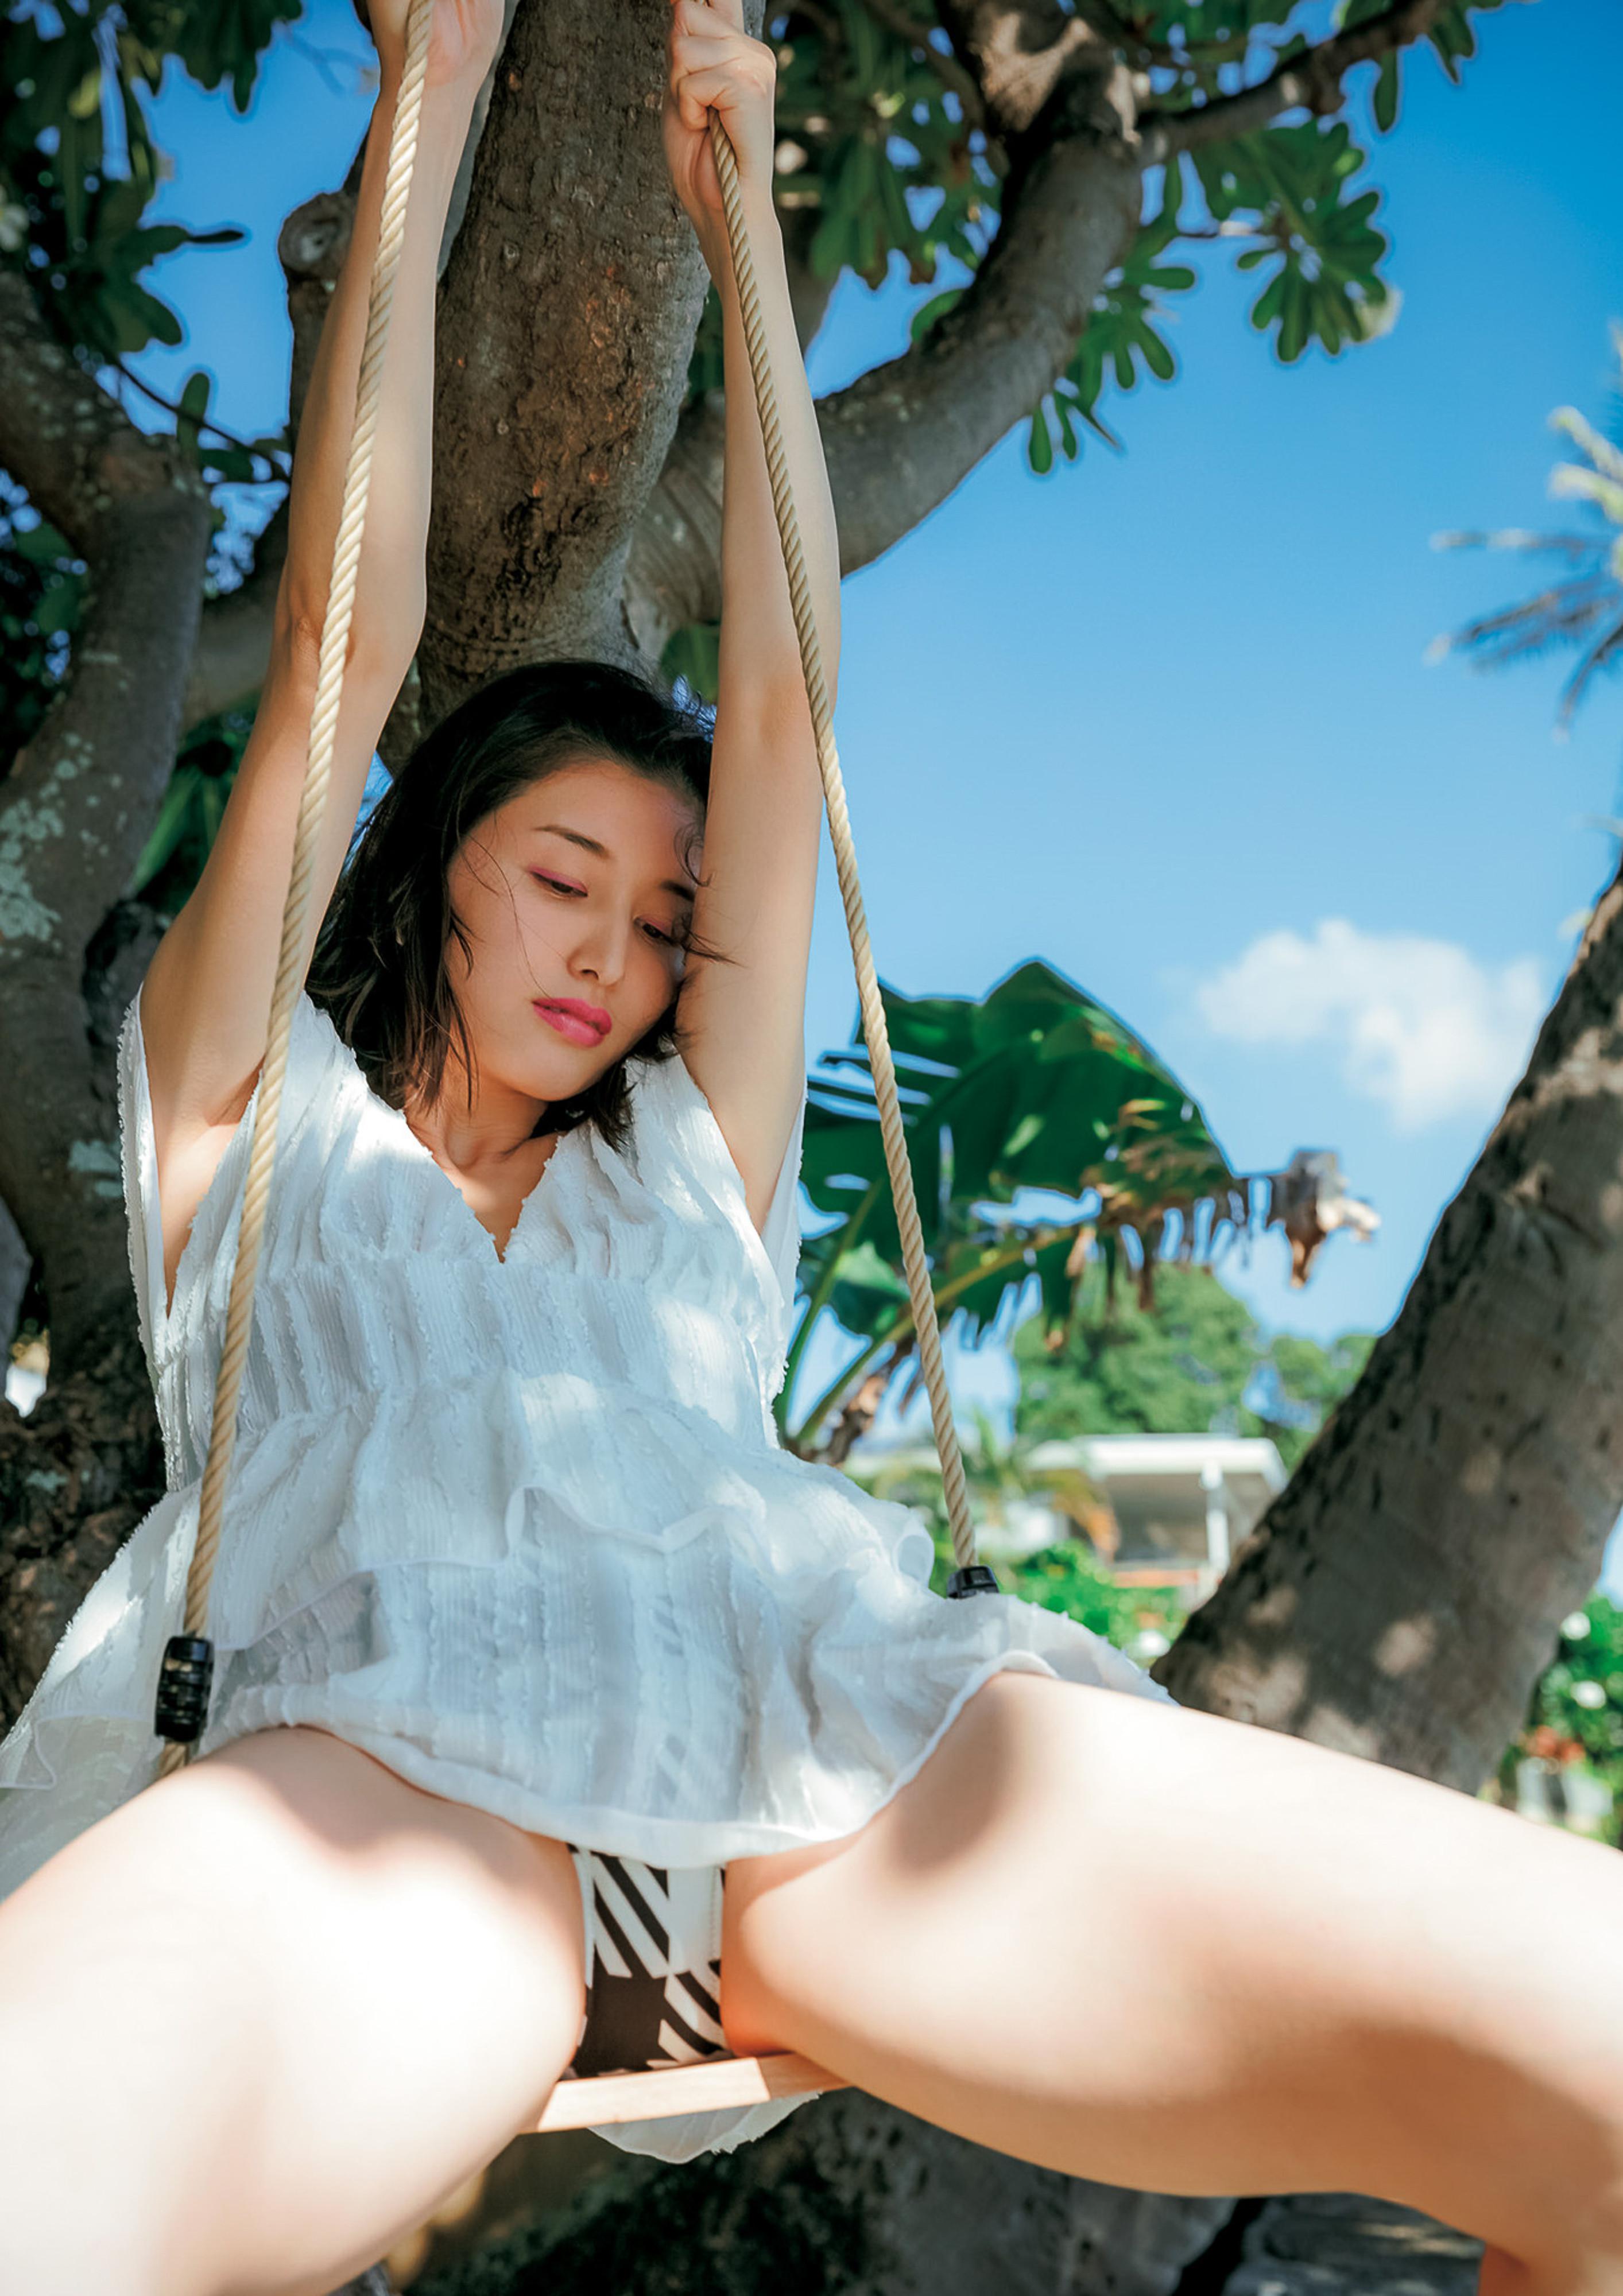 Hashimoto-Manami-db-hugging-in-Hawaii-071